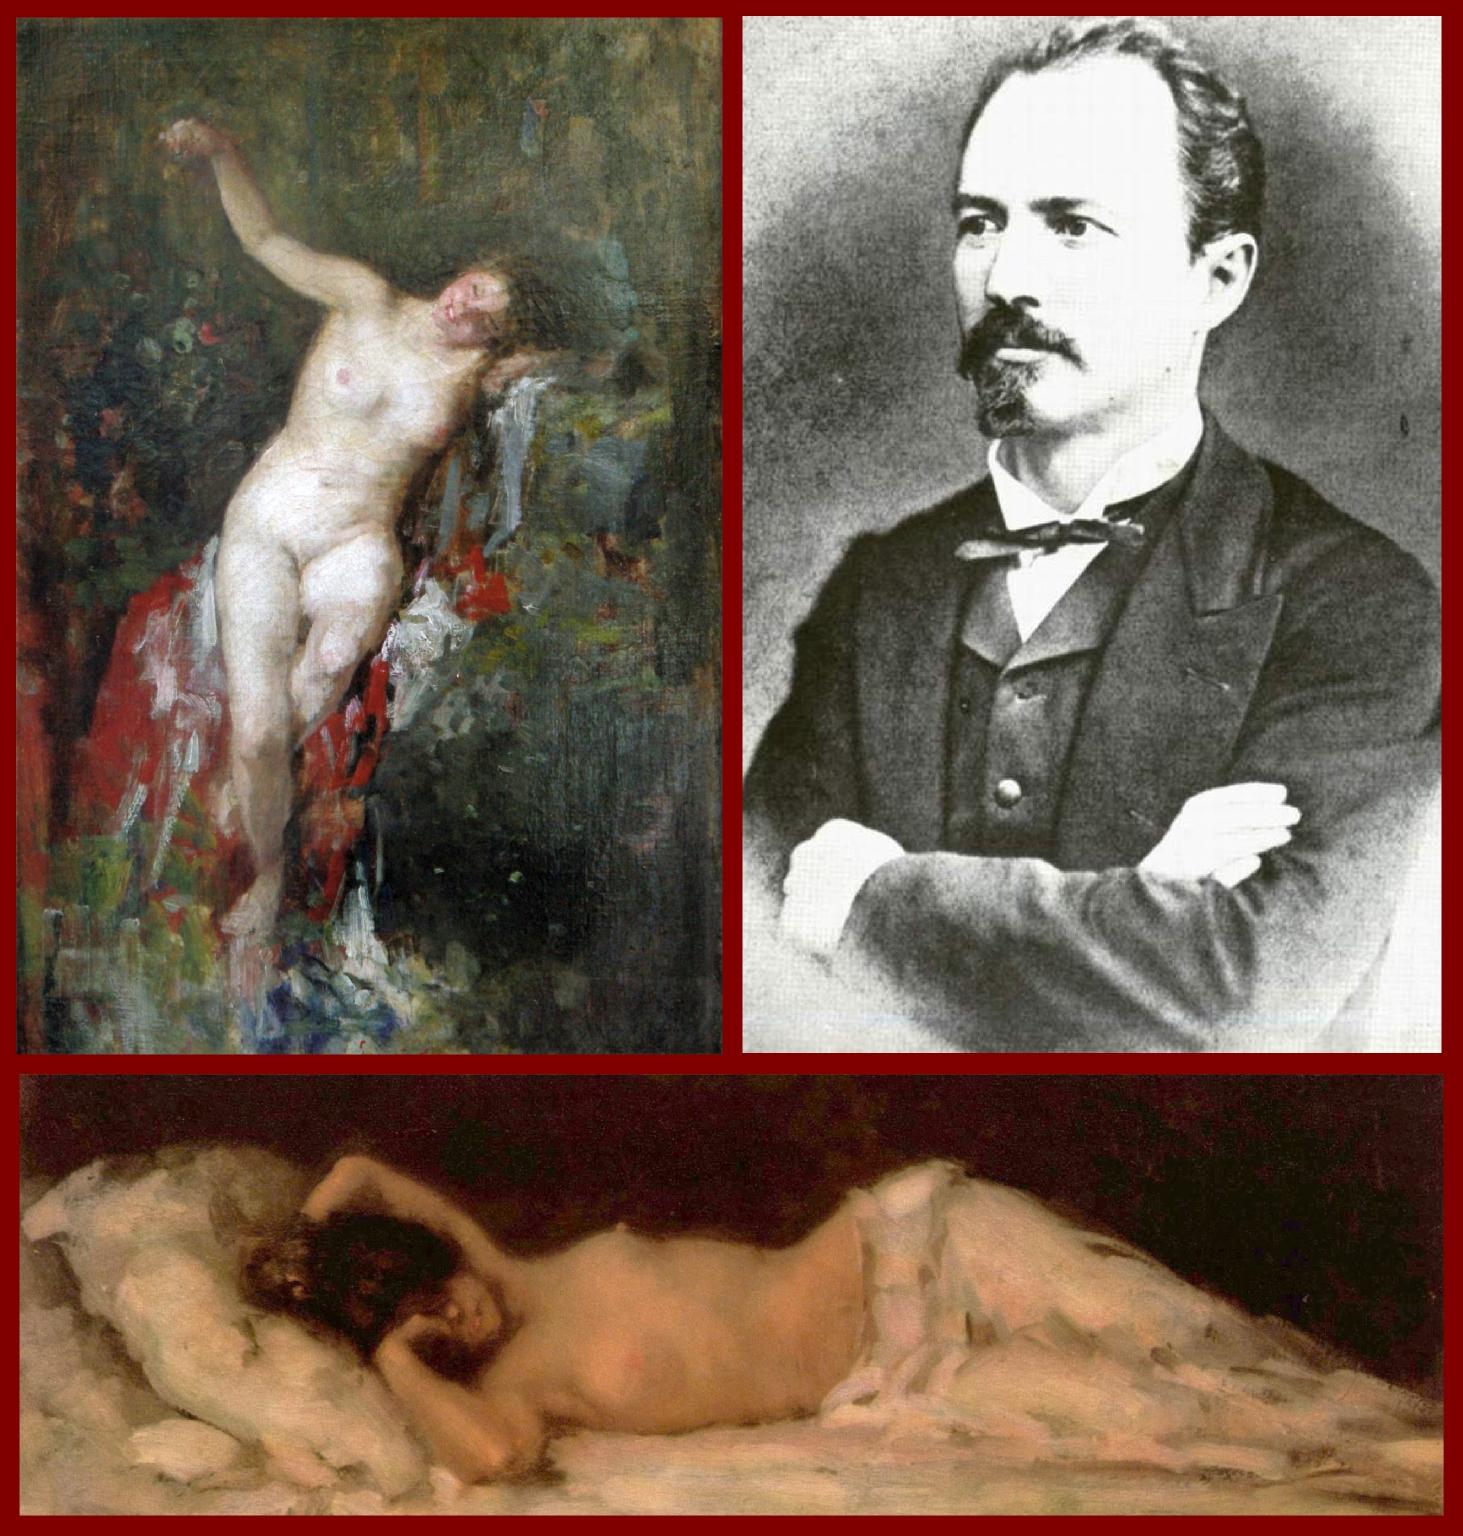 Imagini pentru zurlie nudă